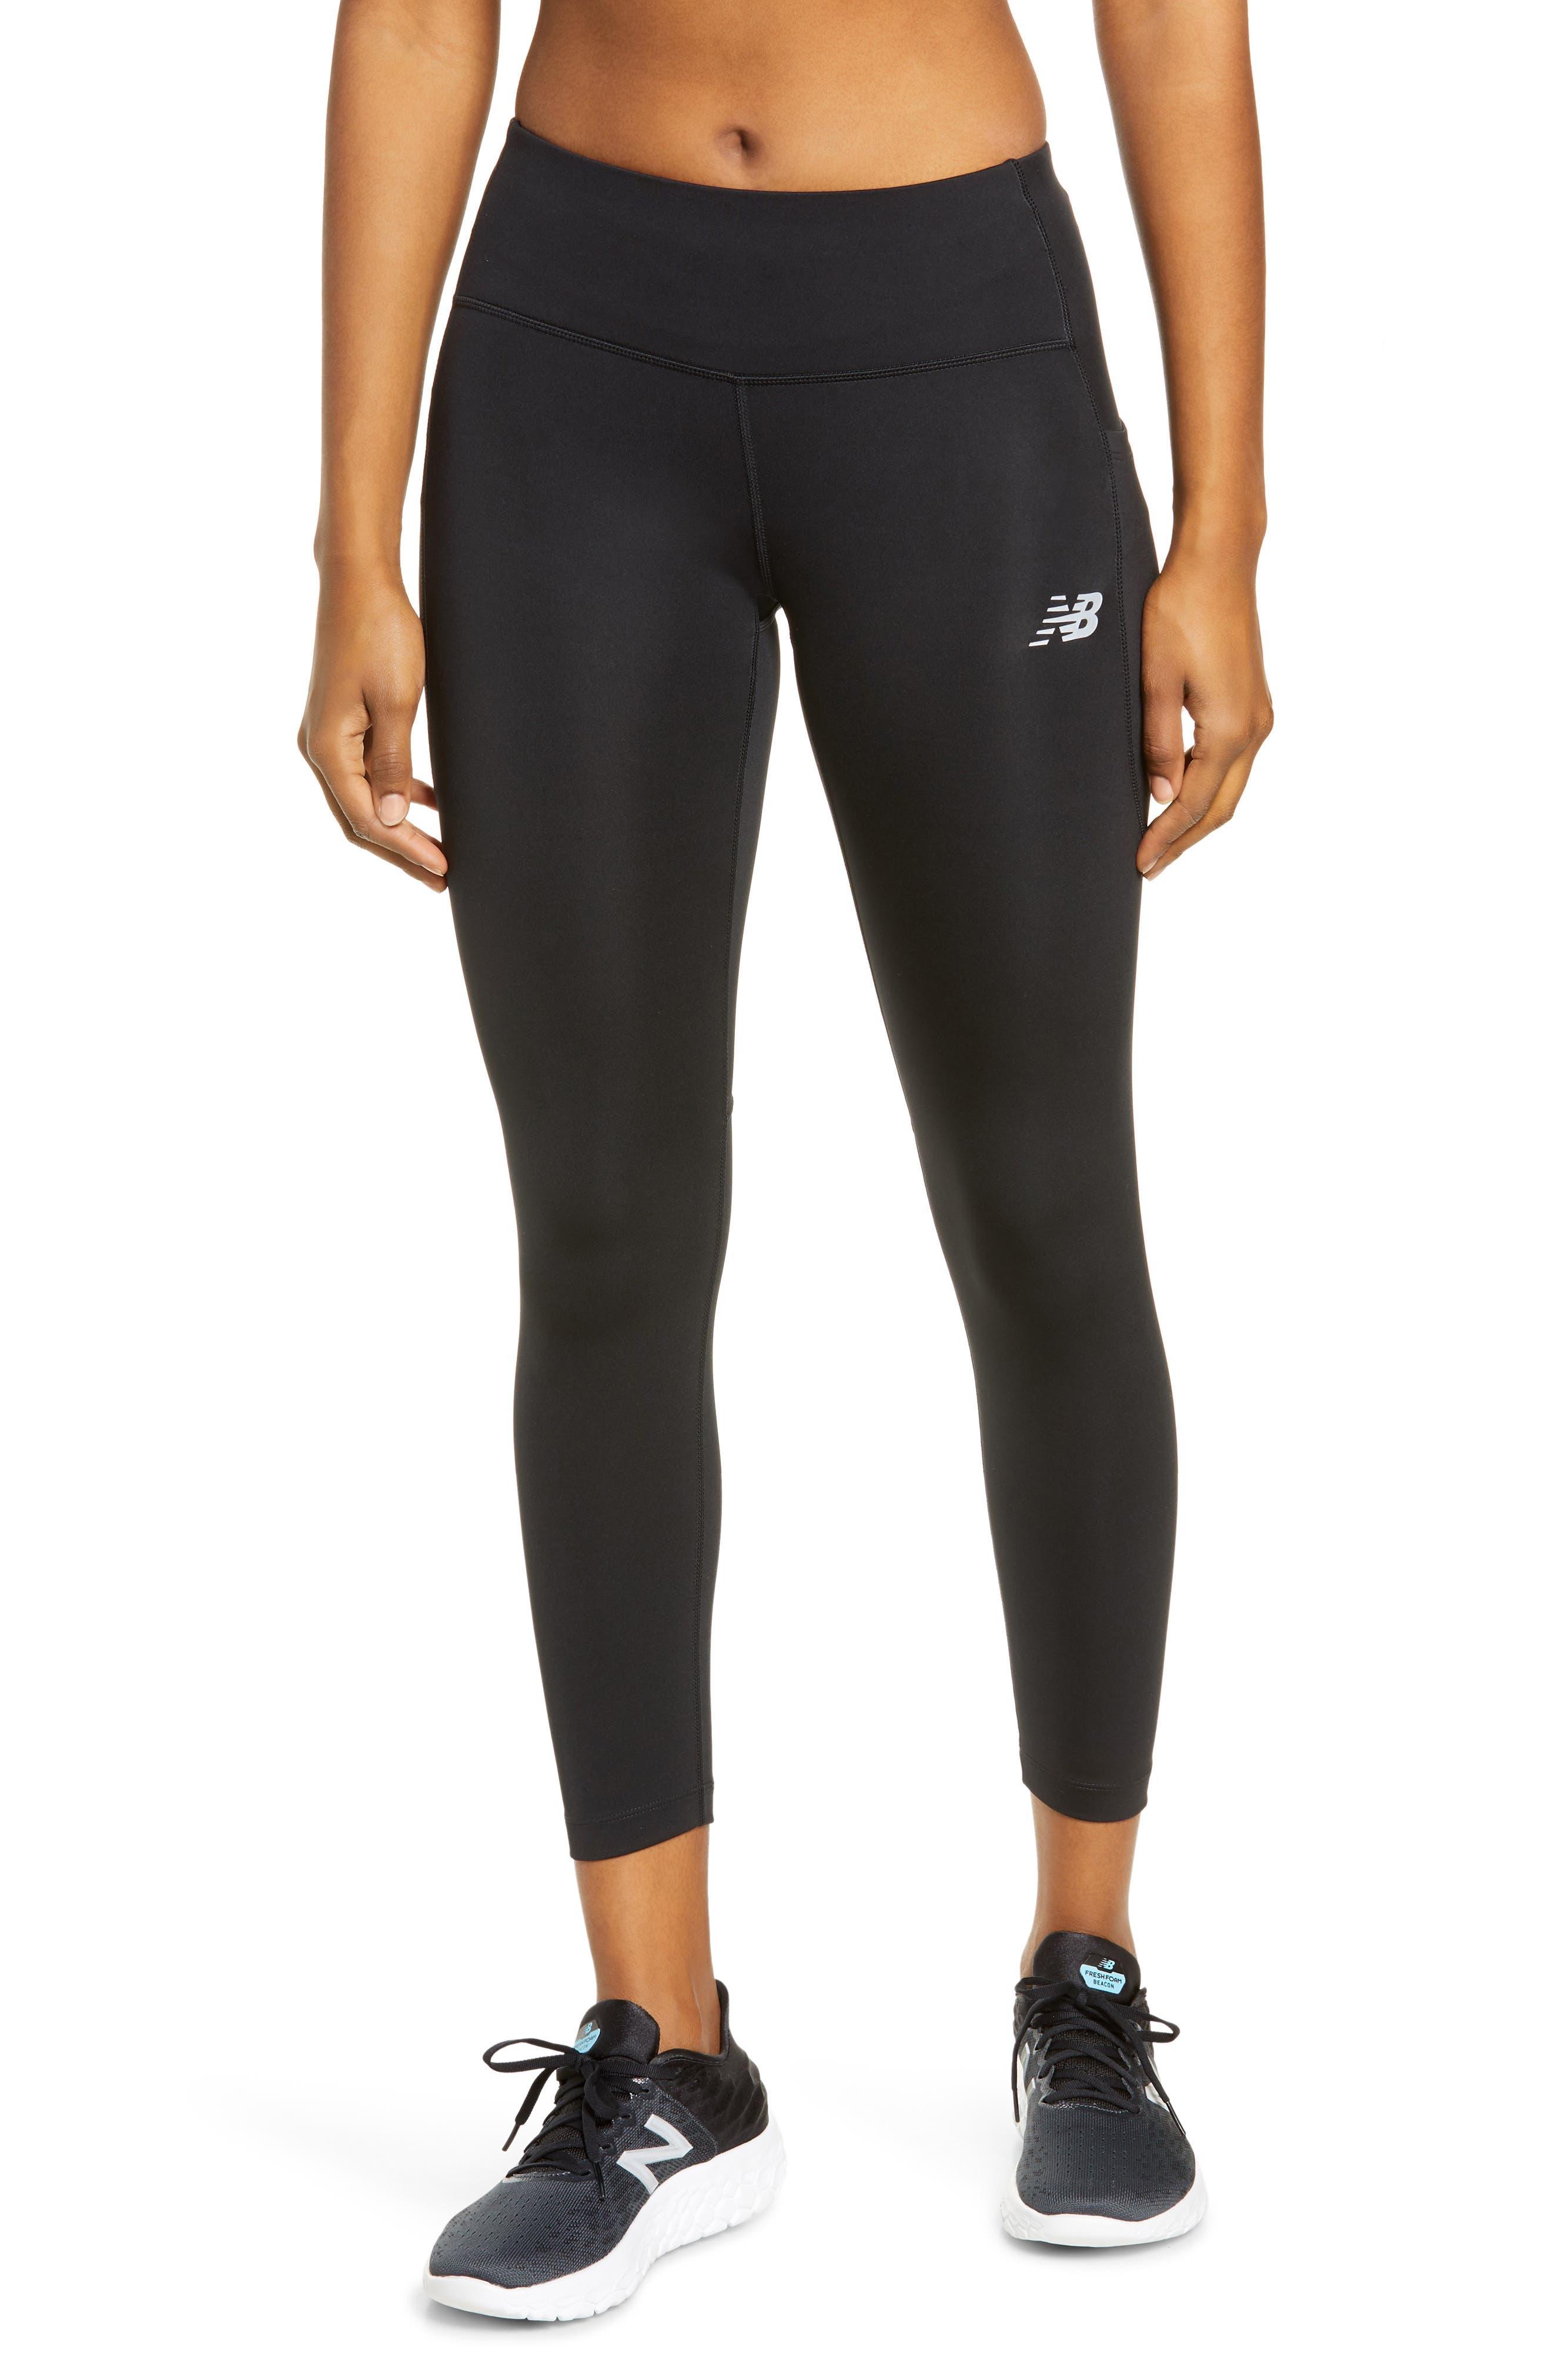 Women's New Balance Pants & Leggings | Nordstrom